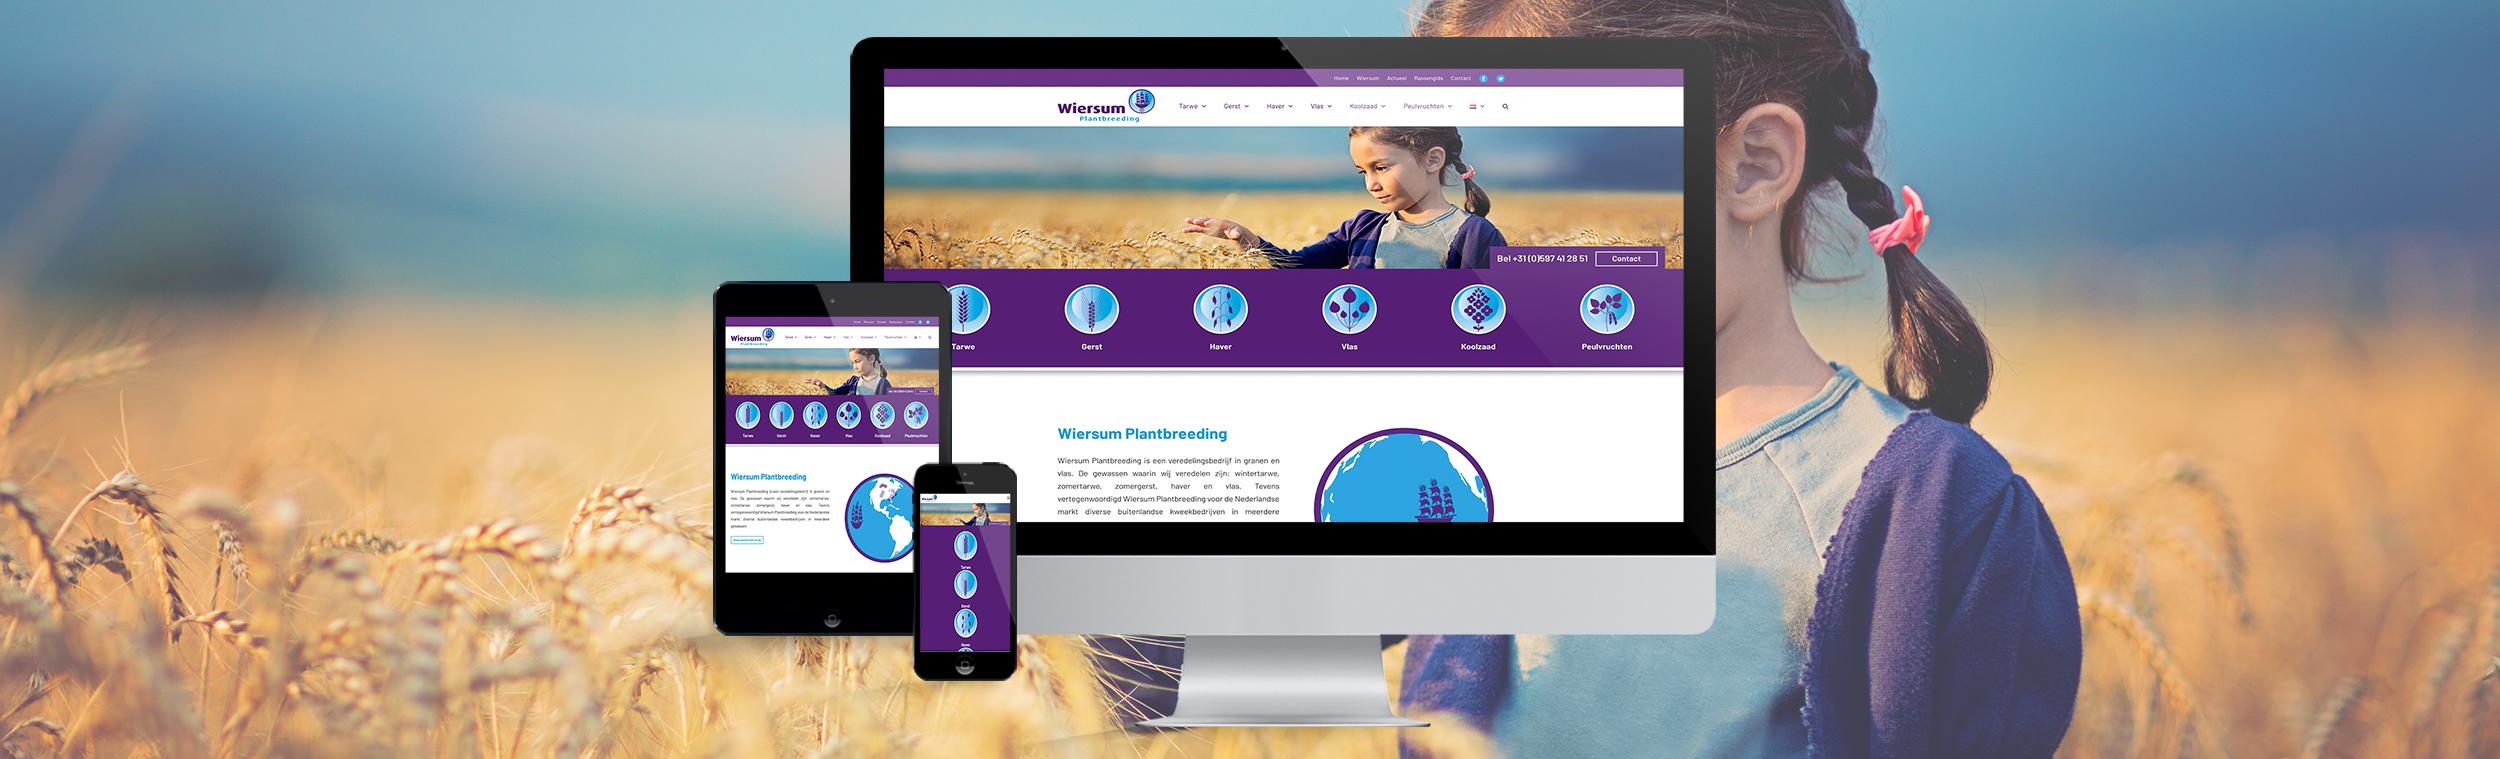 portfolio-wiersum-plantbreeding-website